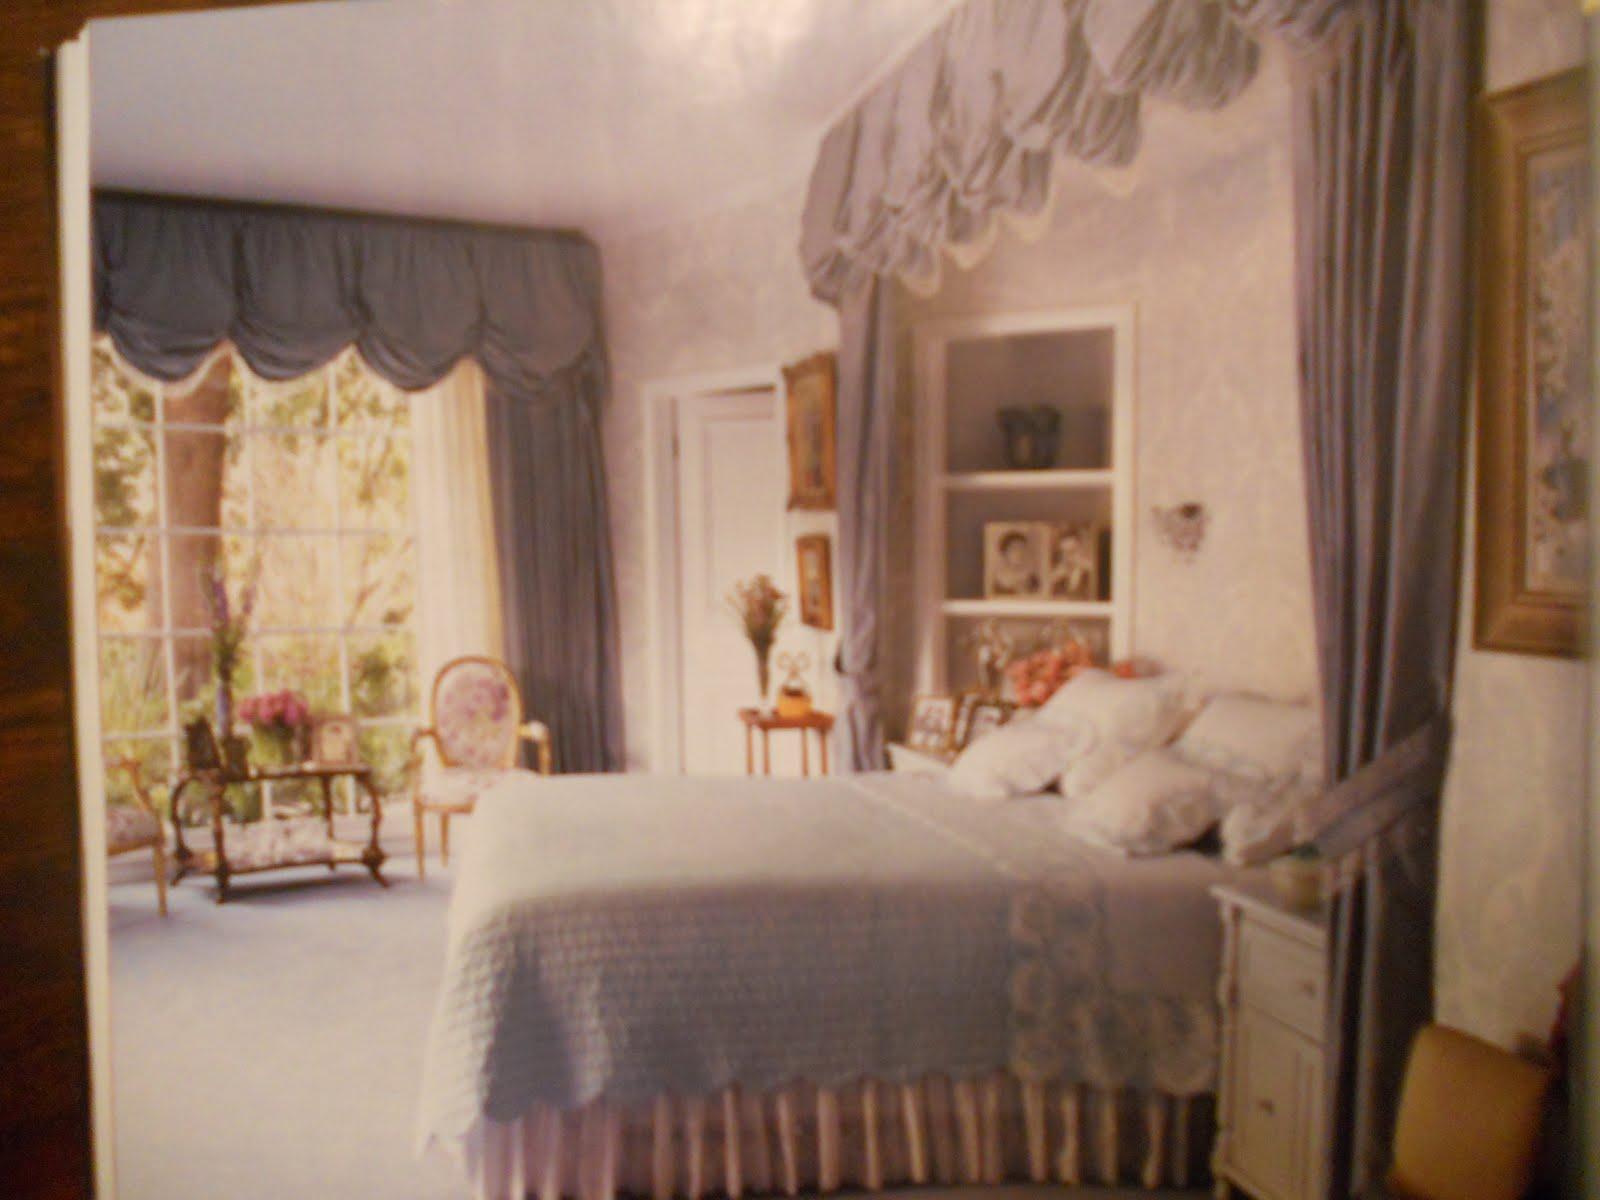 http://4.bp.blogspot.com/-MS01NpDF9gc/Tf7lOiI3OtI/AAAAAAAAELE/EpiFhD_klyo/s1600/DSCN0683.JPG